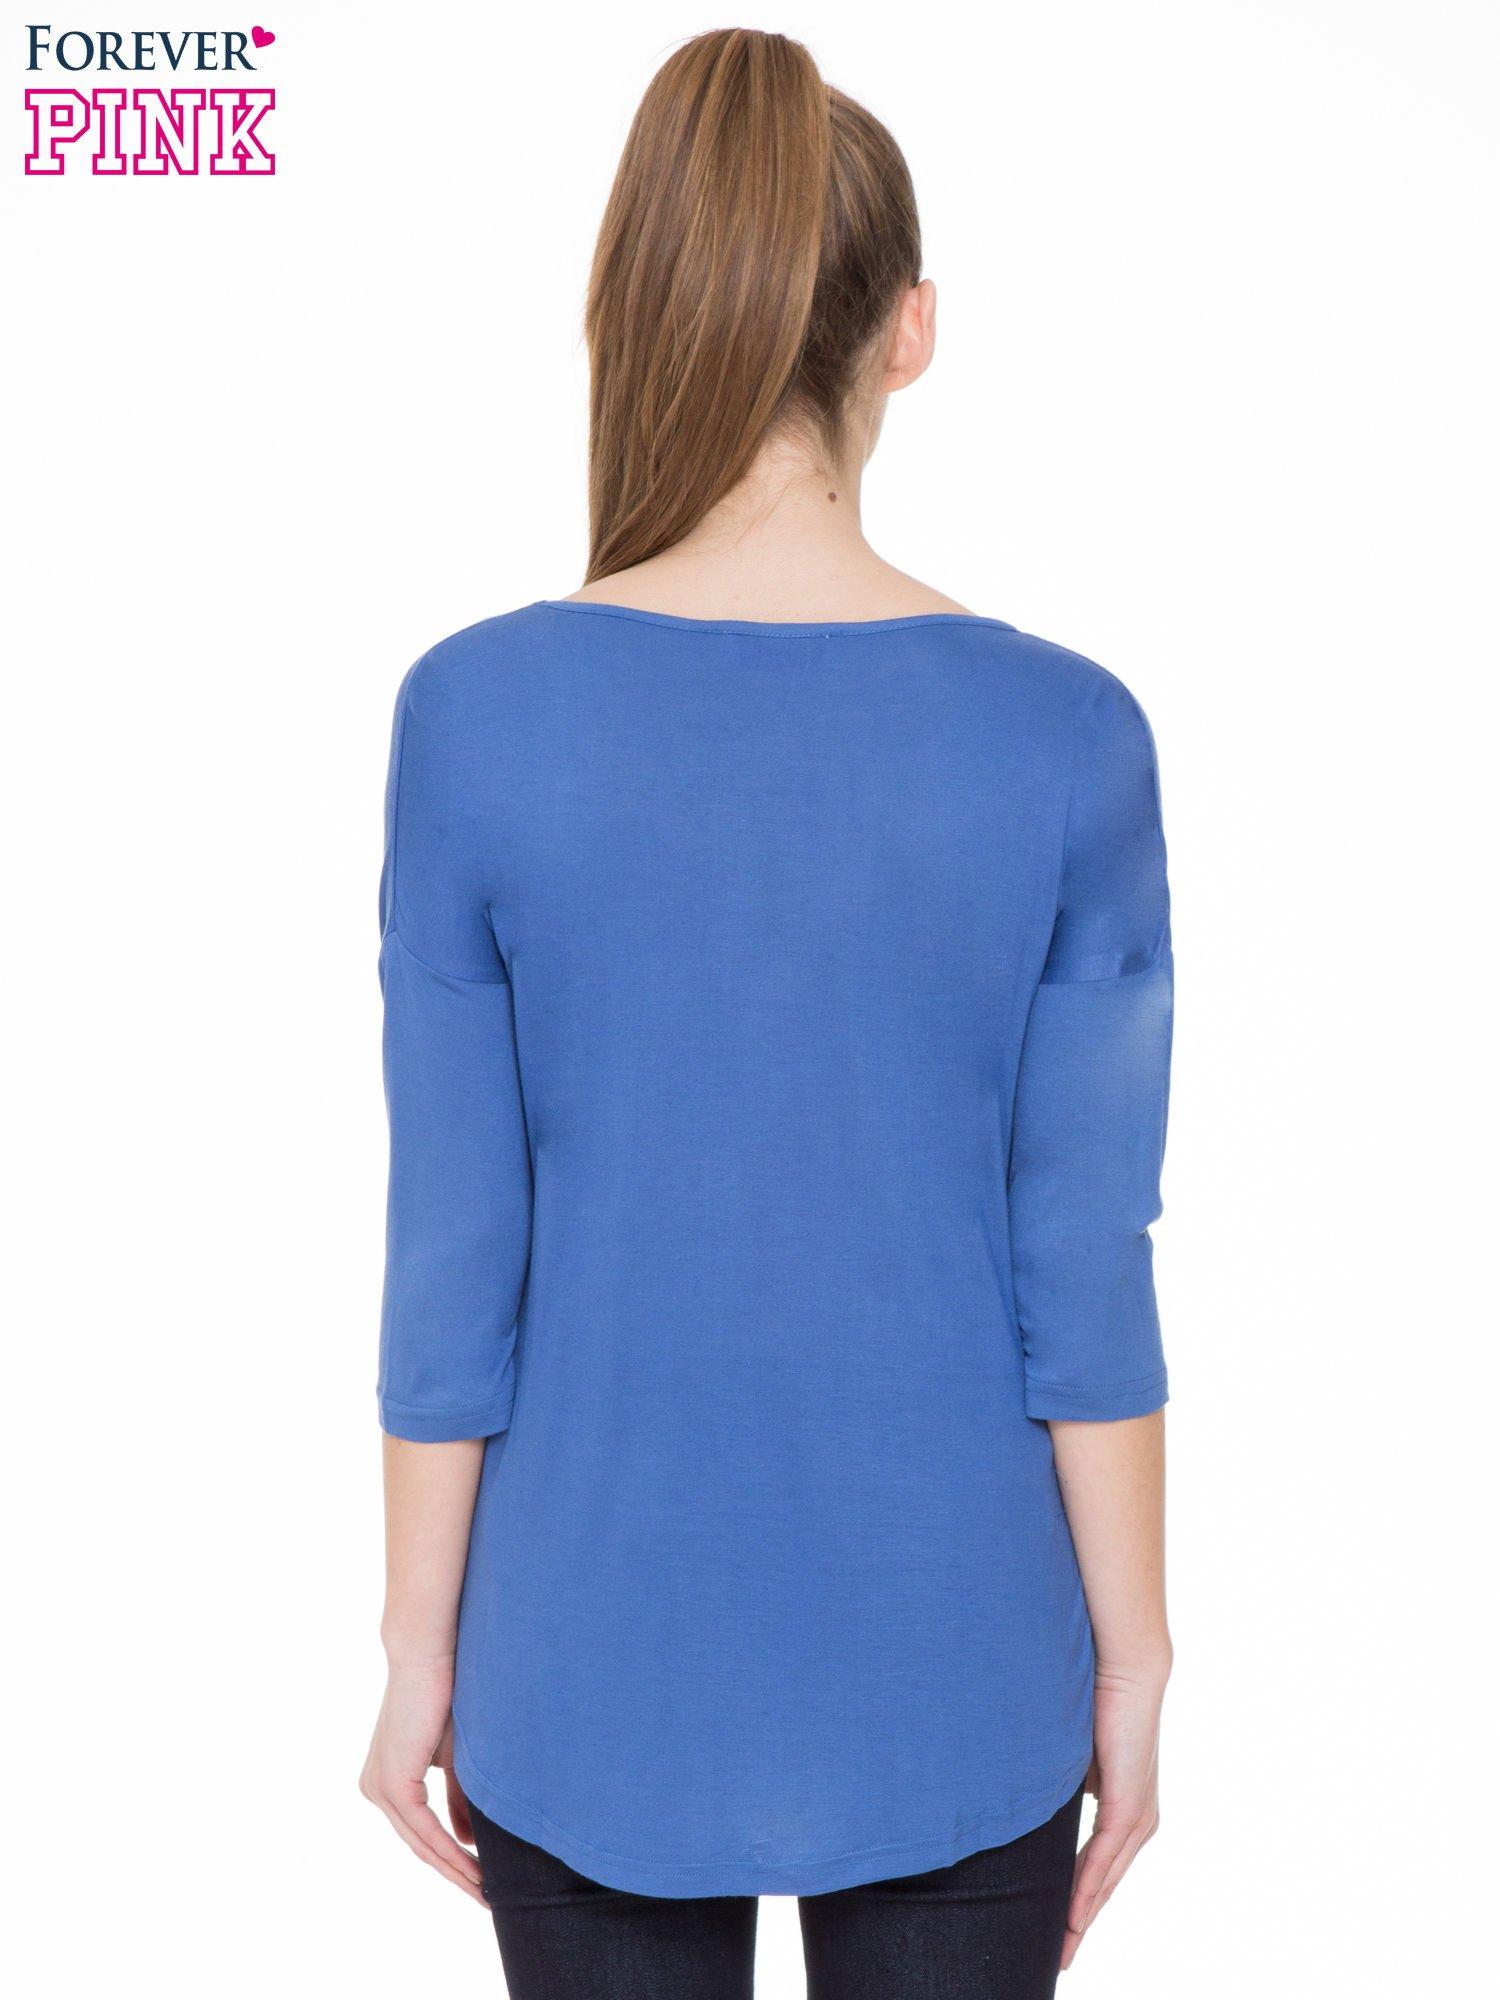 Niebieska gładka bluzka z ozdobnymi przeszyciami                                  zdj.                                  4